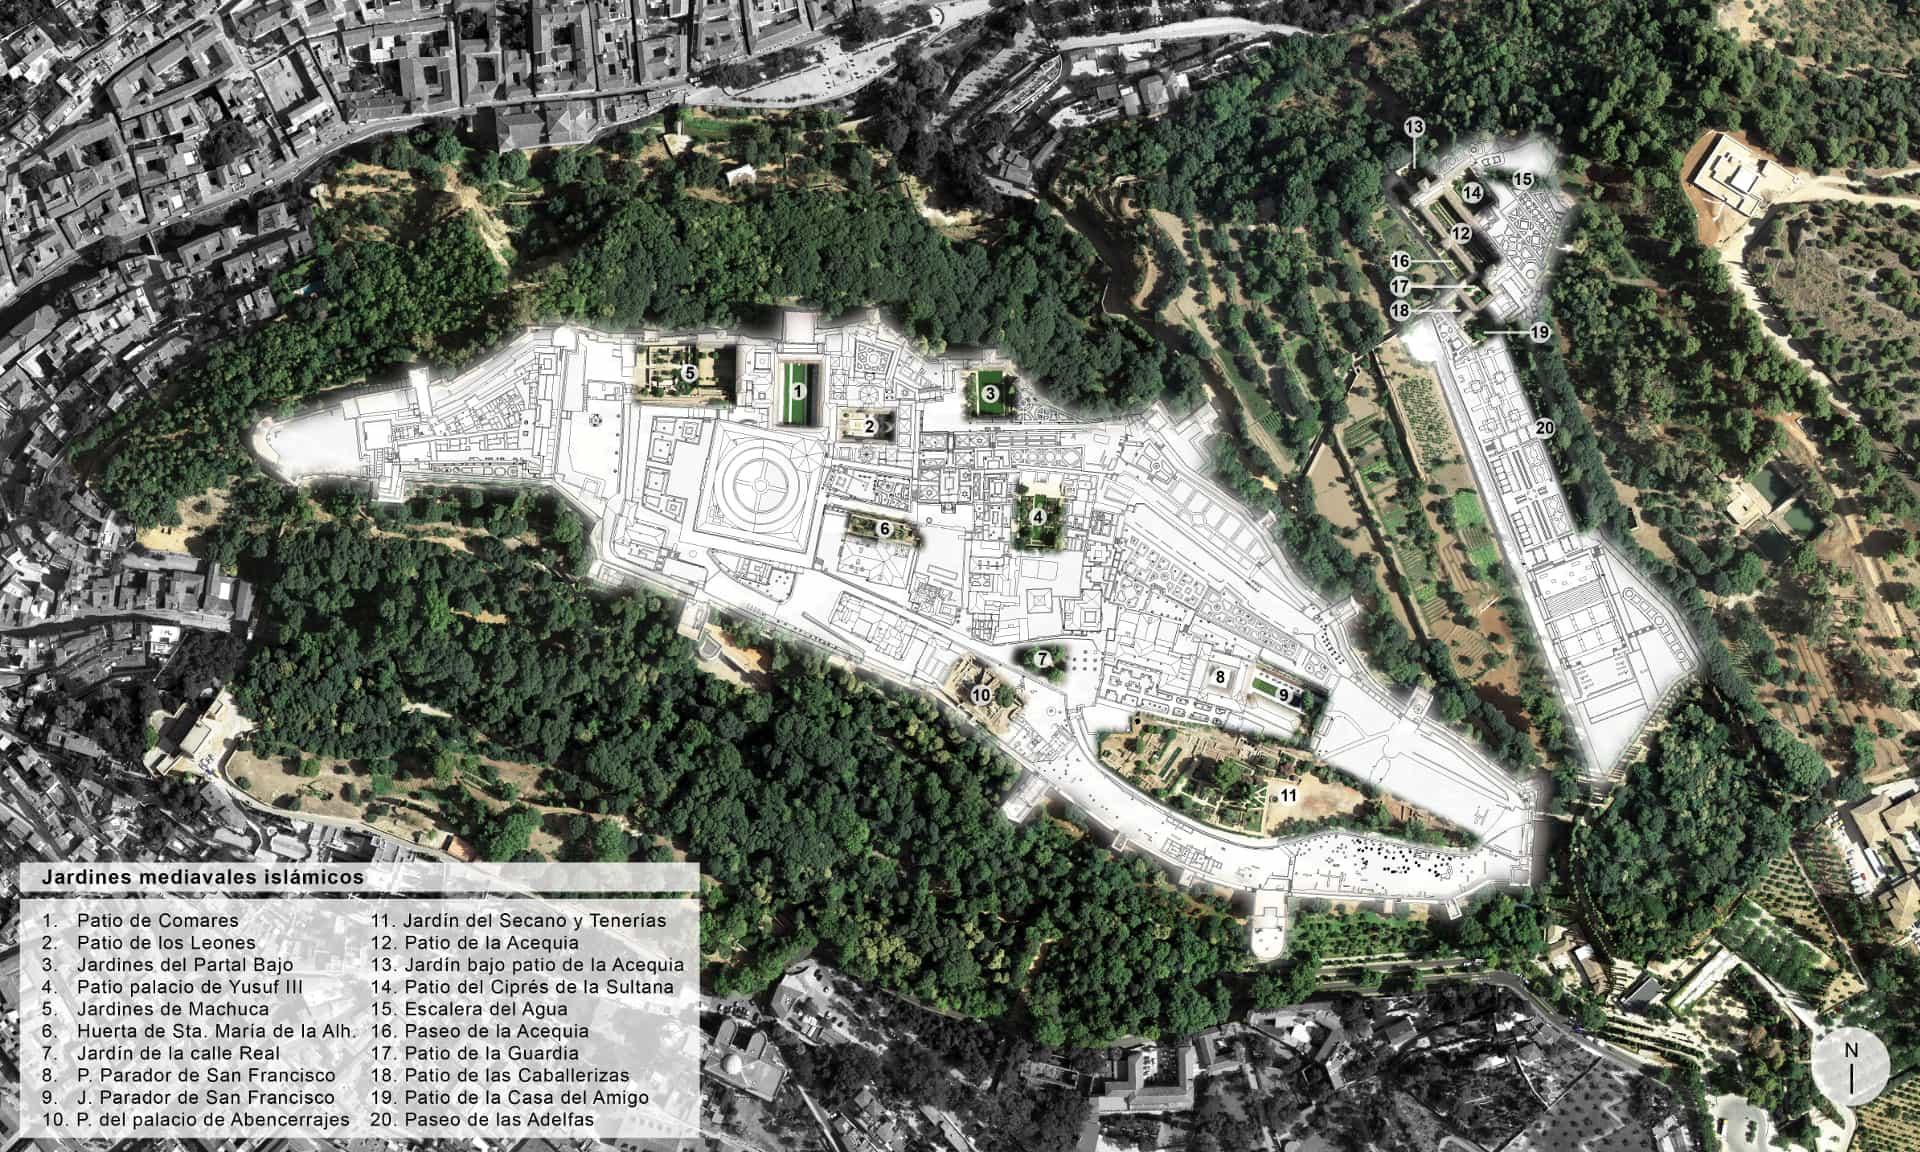 Plano de los jardines medievales, creados en la etapa nazarí